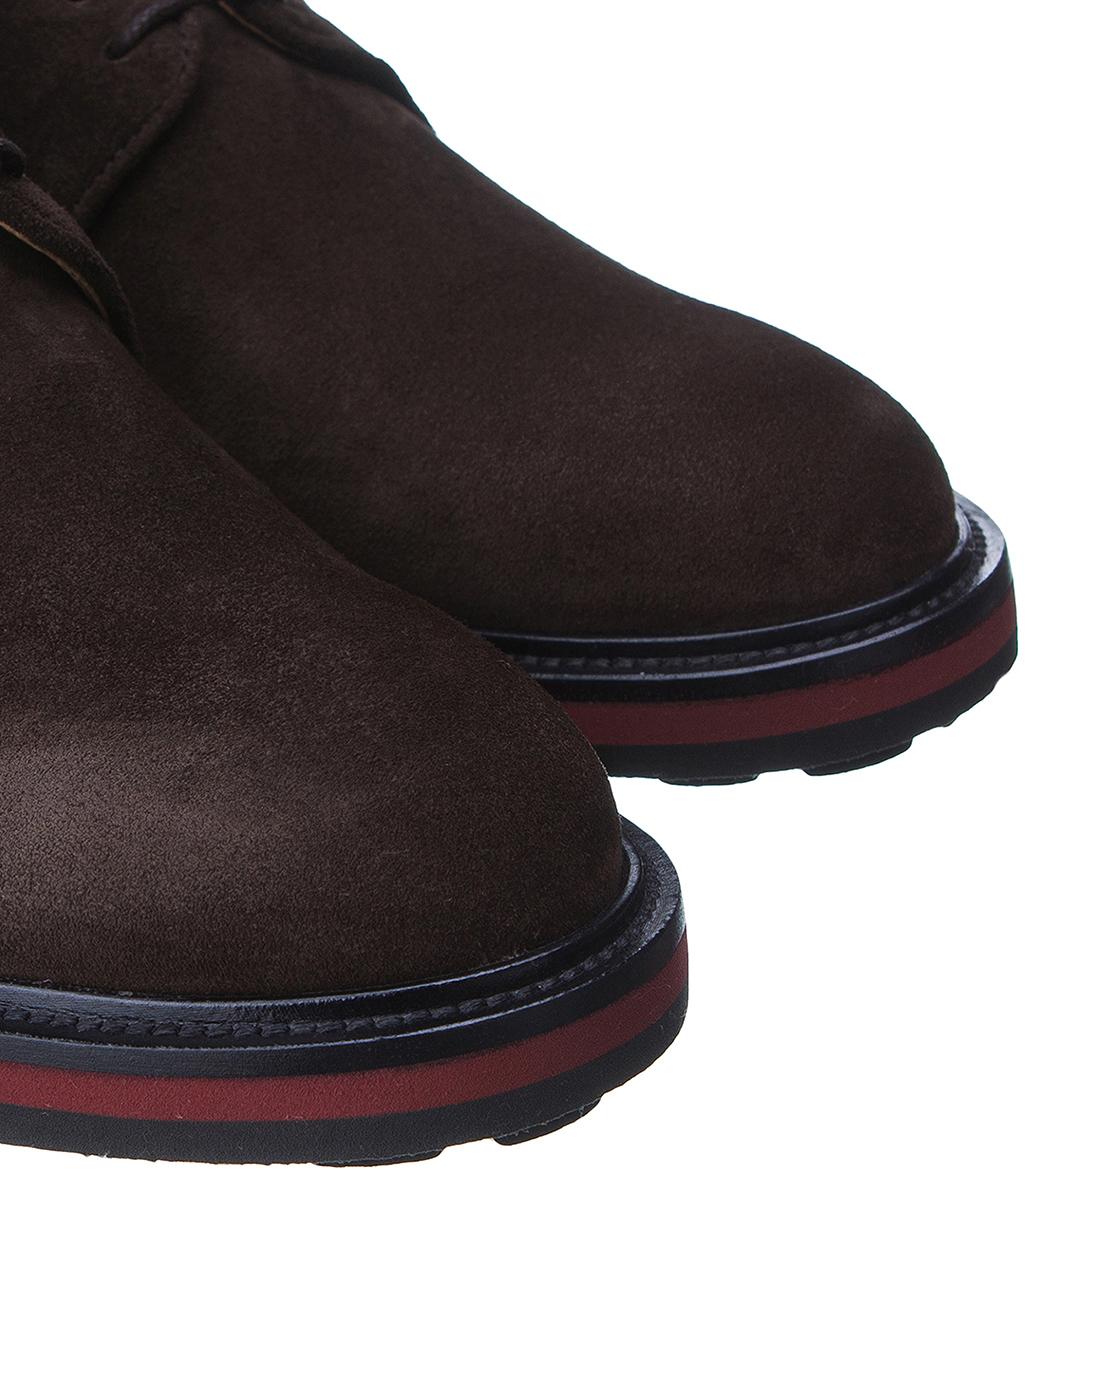 Туфли коричневые мужские Brecos S8073-4